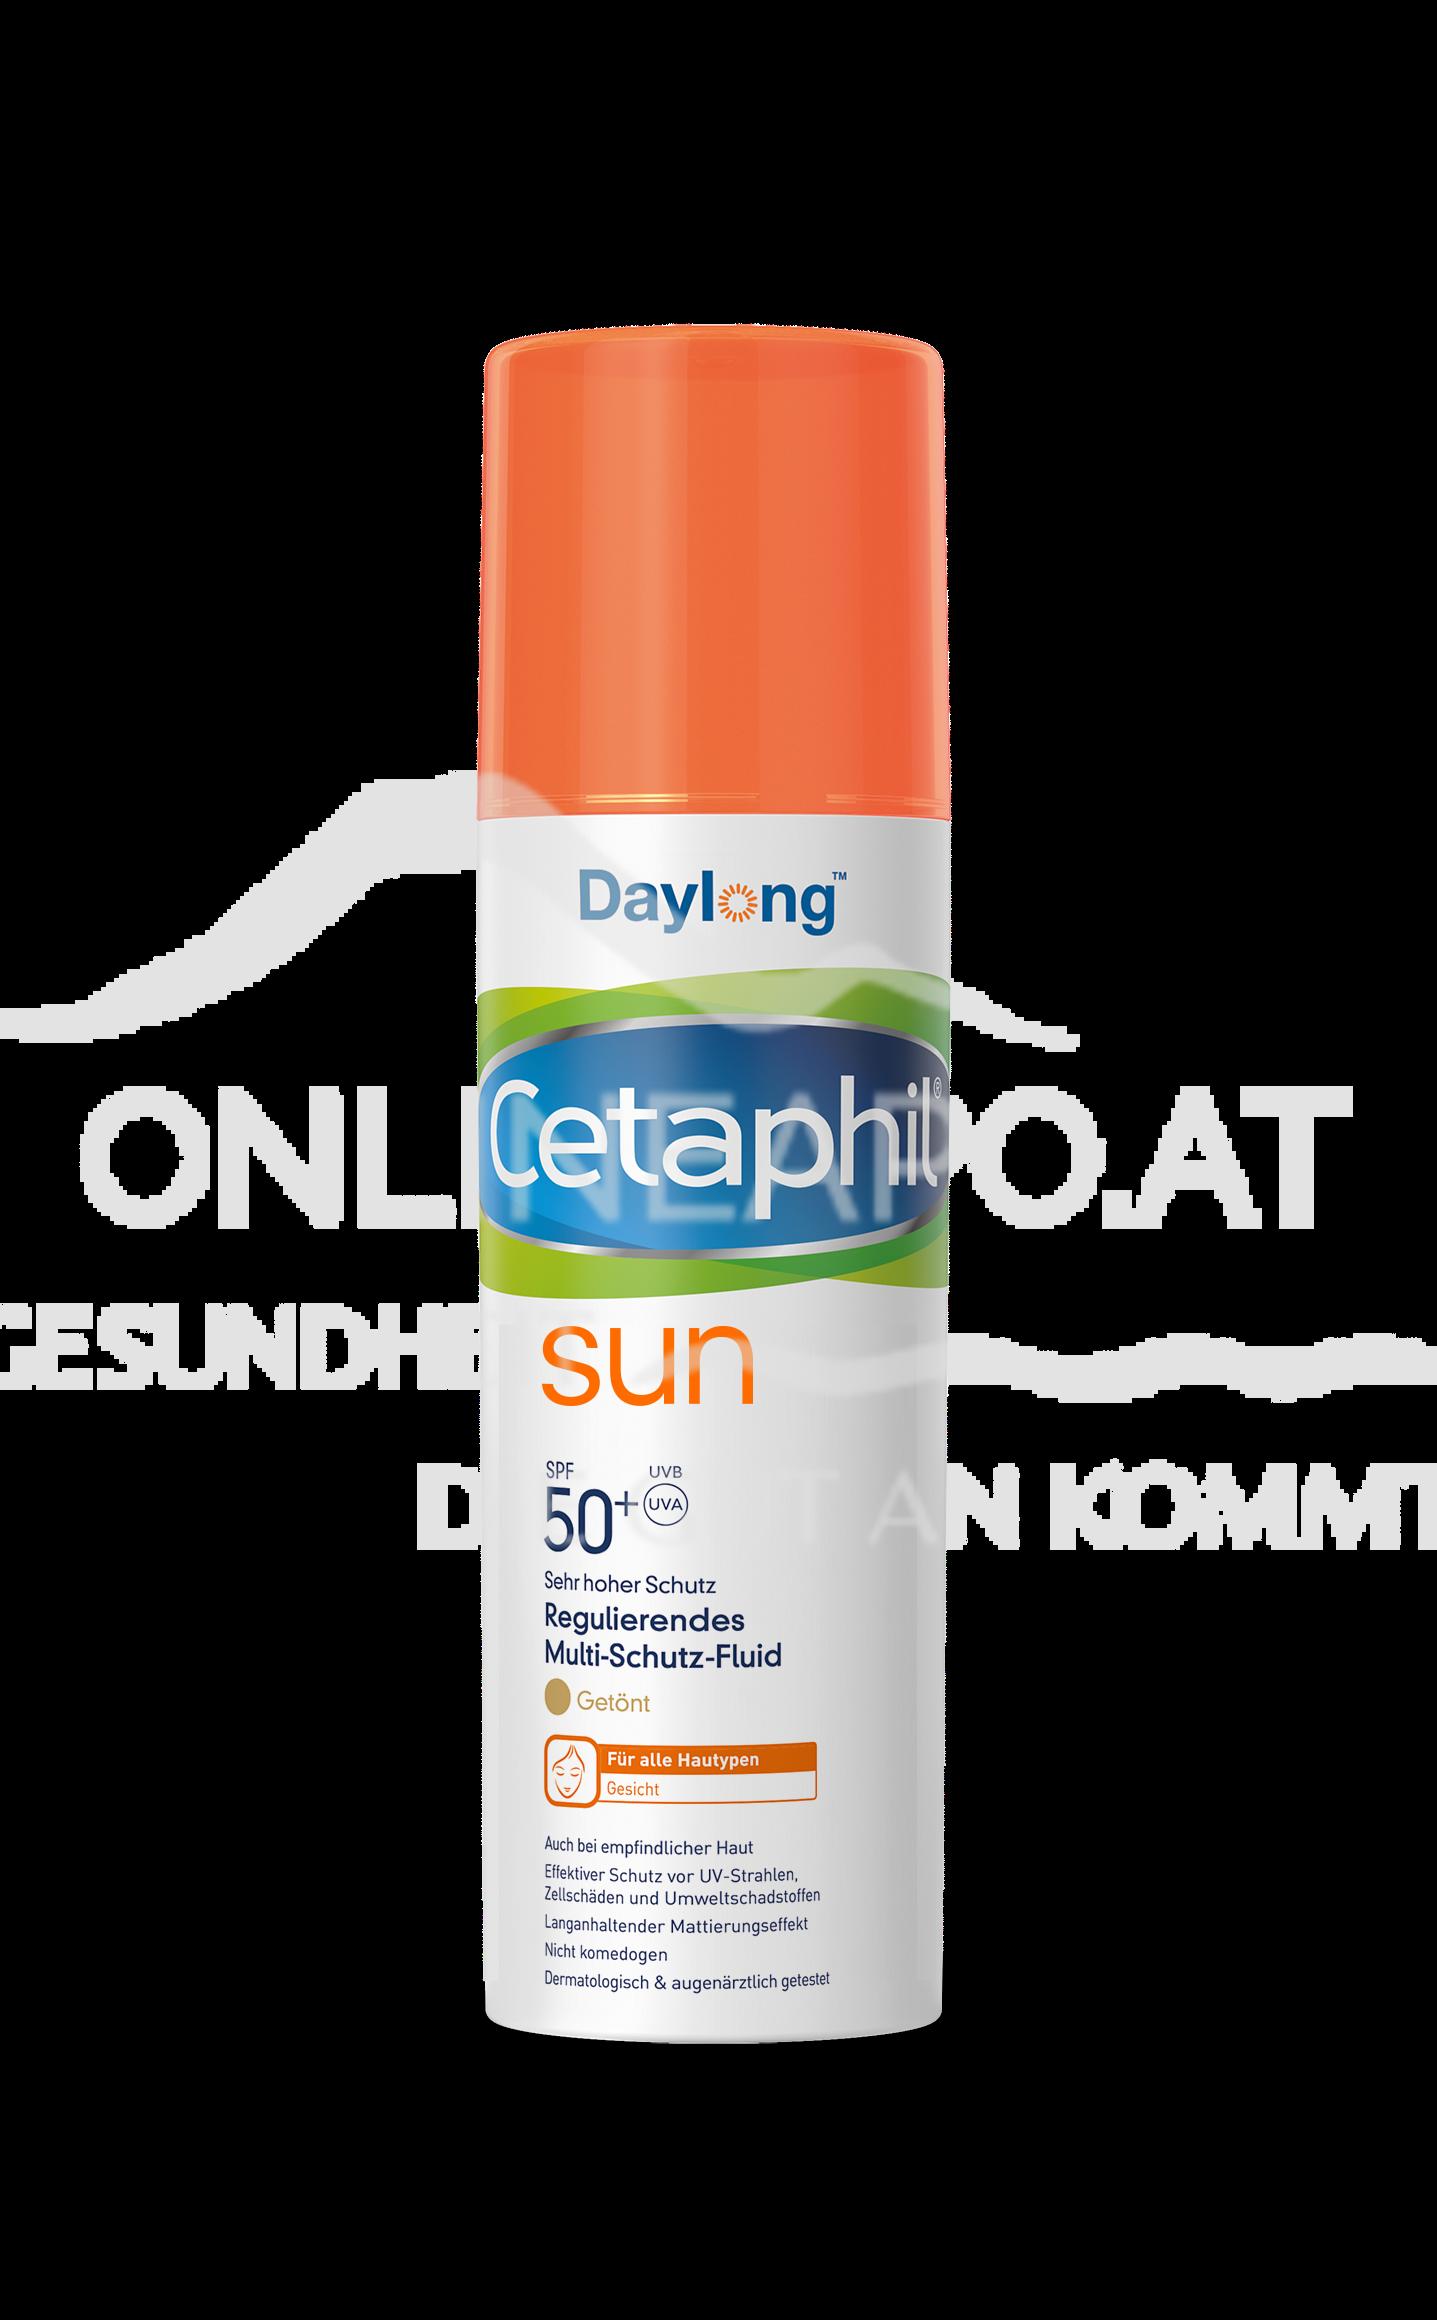 Cetaphil® Sun Daylong™ Regulierendes Multi-Schutz-Fluid Gesicht getönt SPF 50+